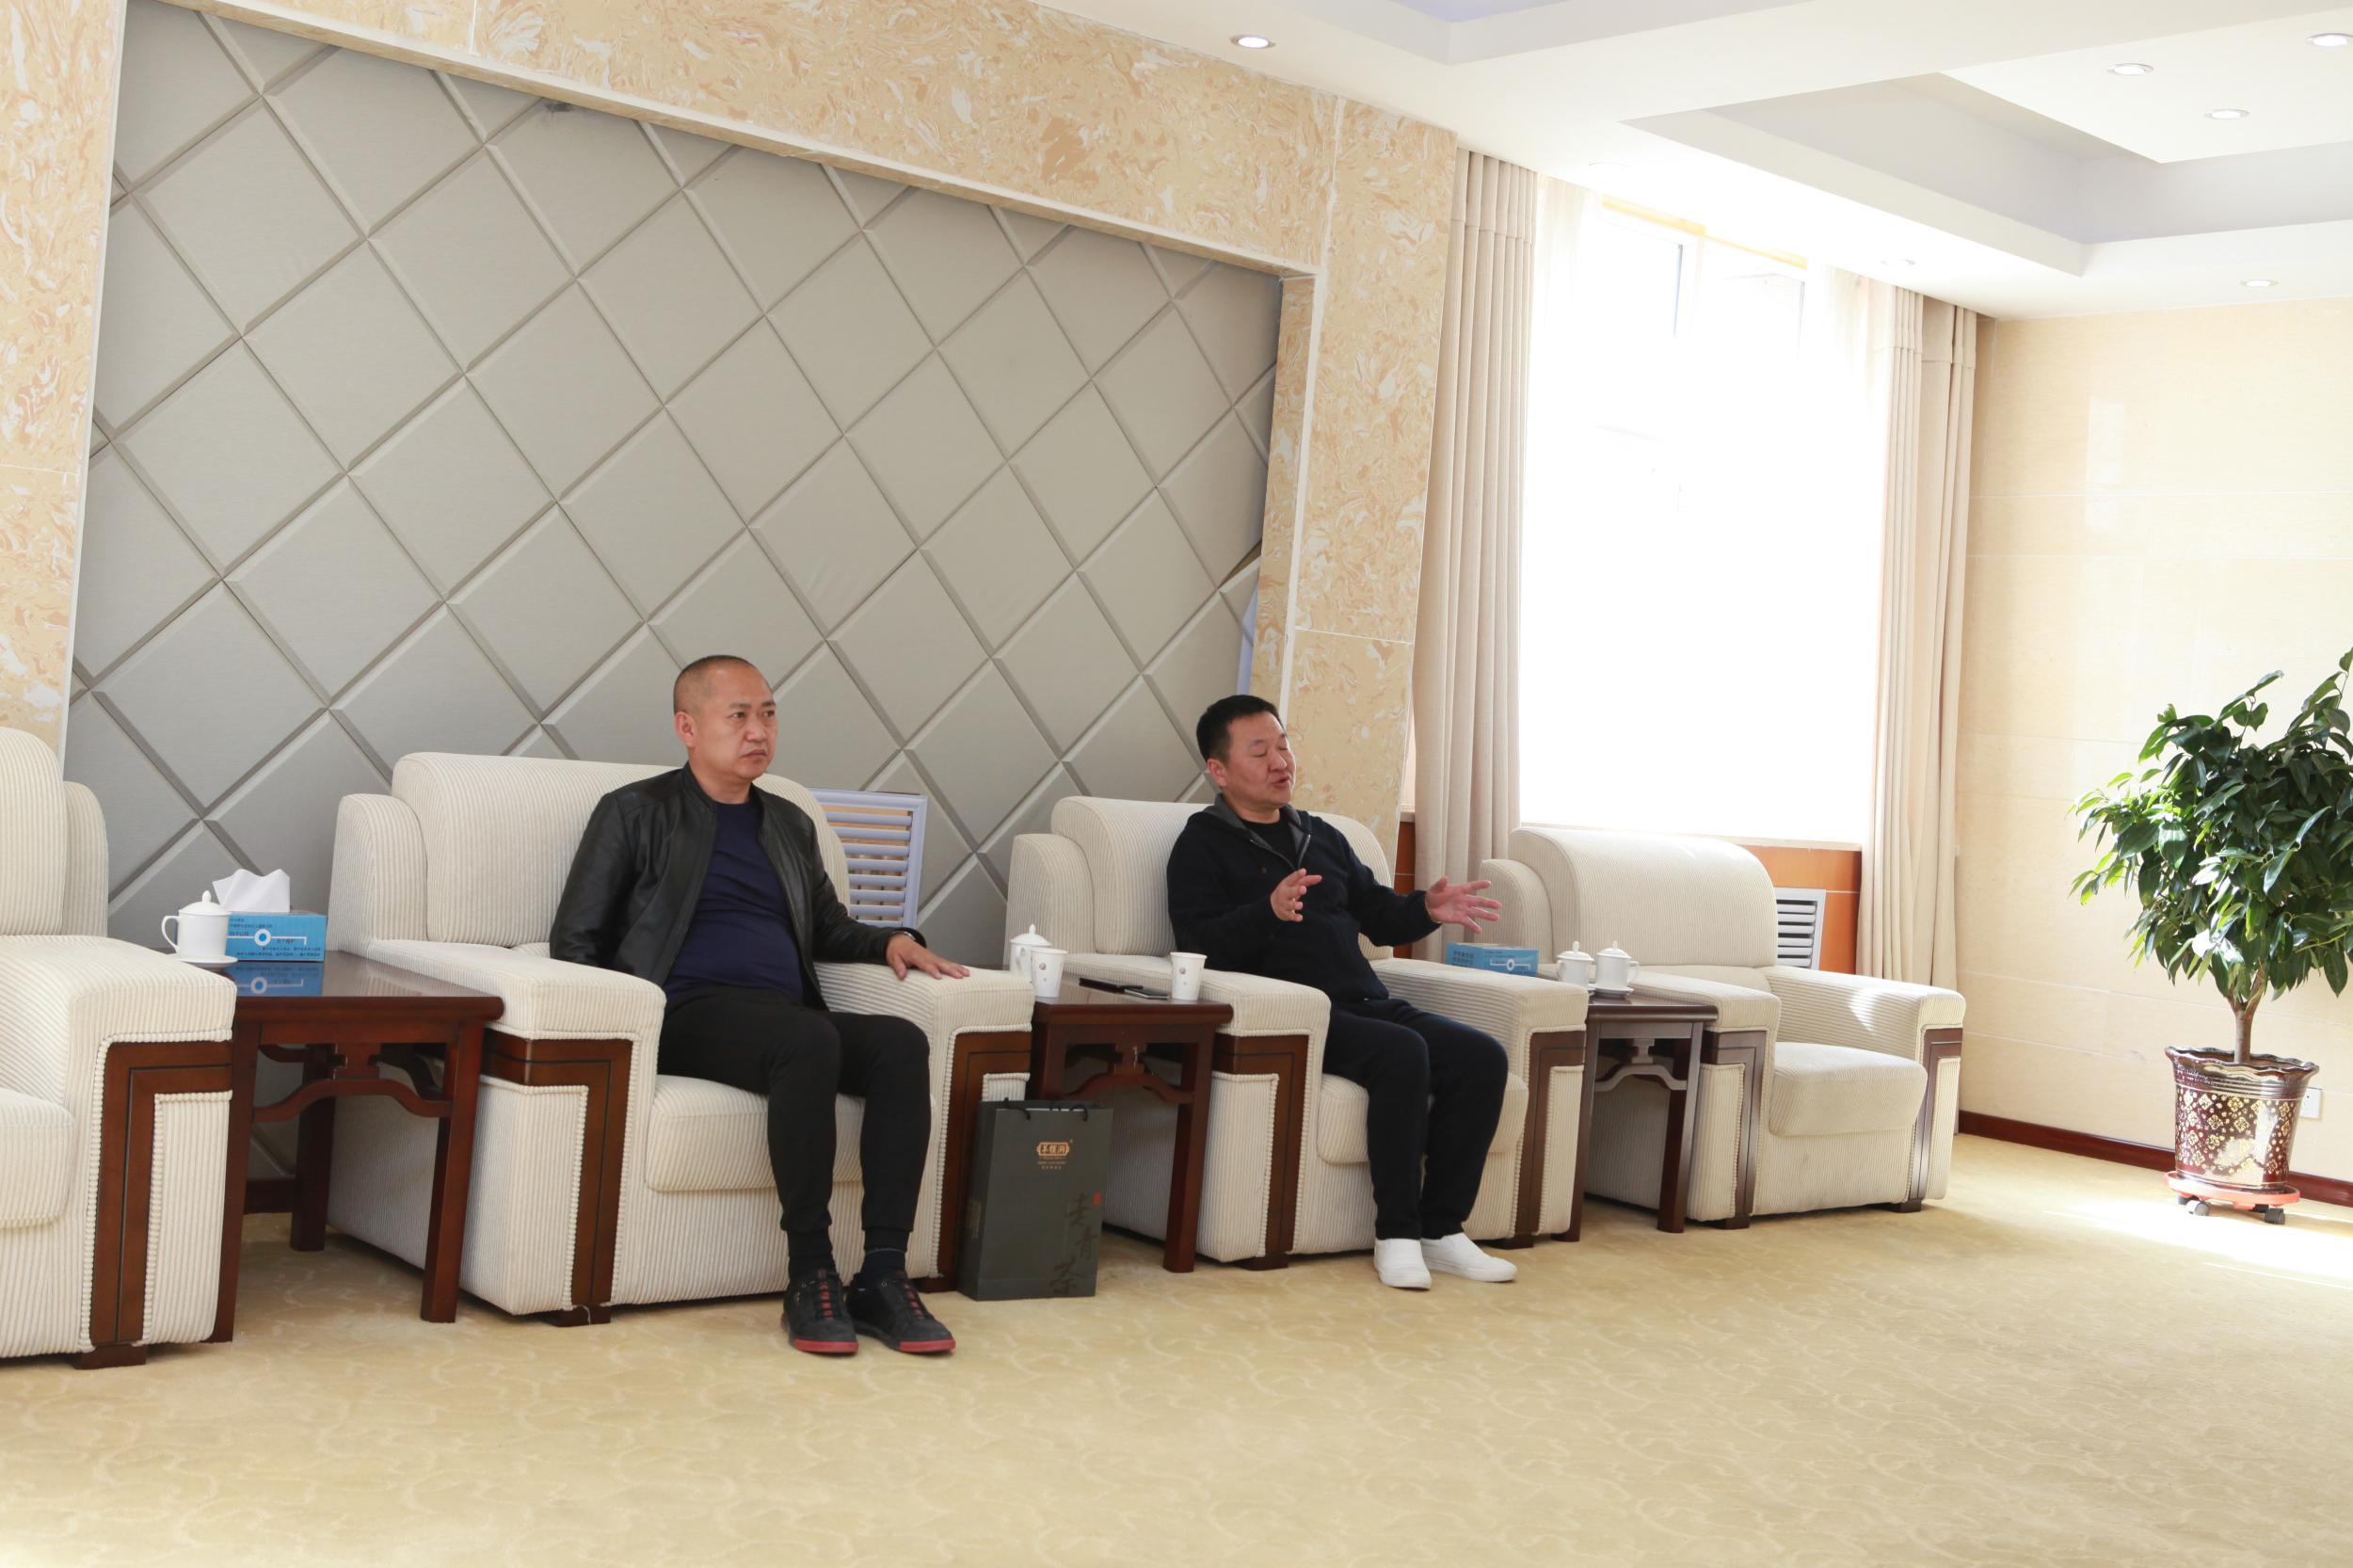 莫重明会见湖北羊楼洞茶业股份有限公司董事长刘建军一行